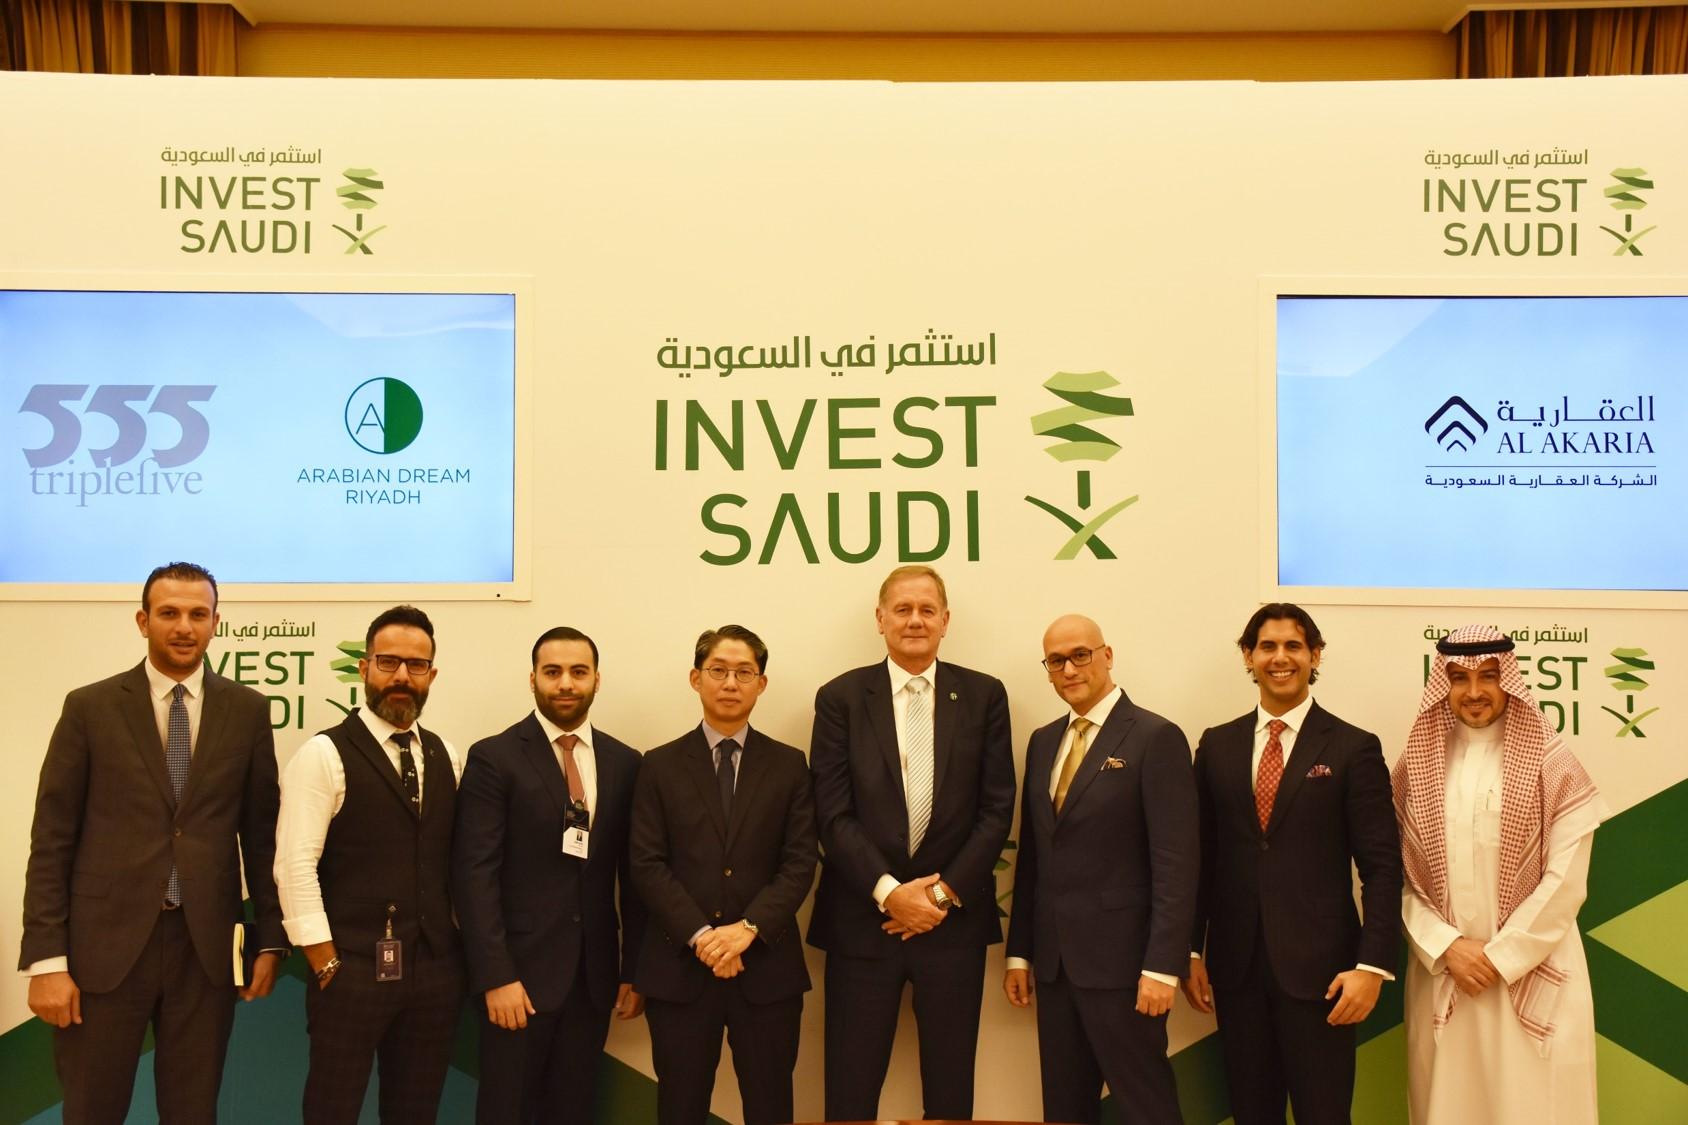 Al Akaria To Develop 5 Bln Entertainment Shopping Complex In Riyadh